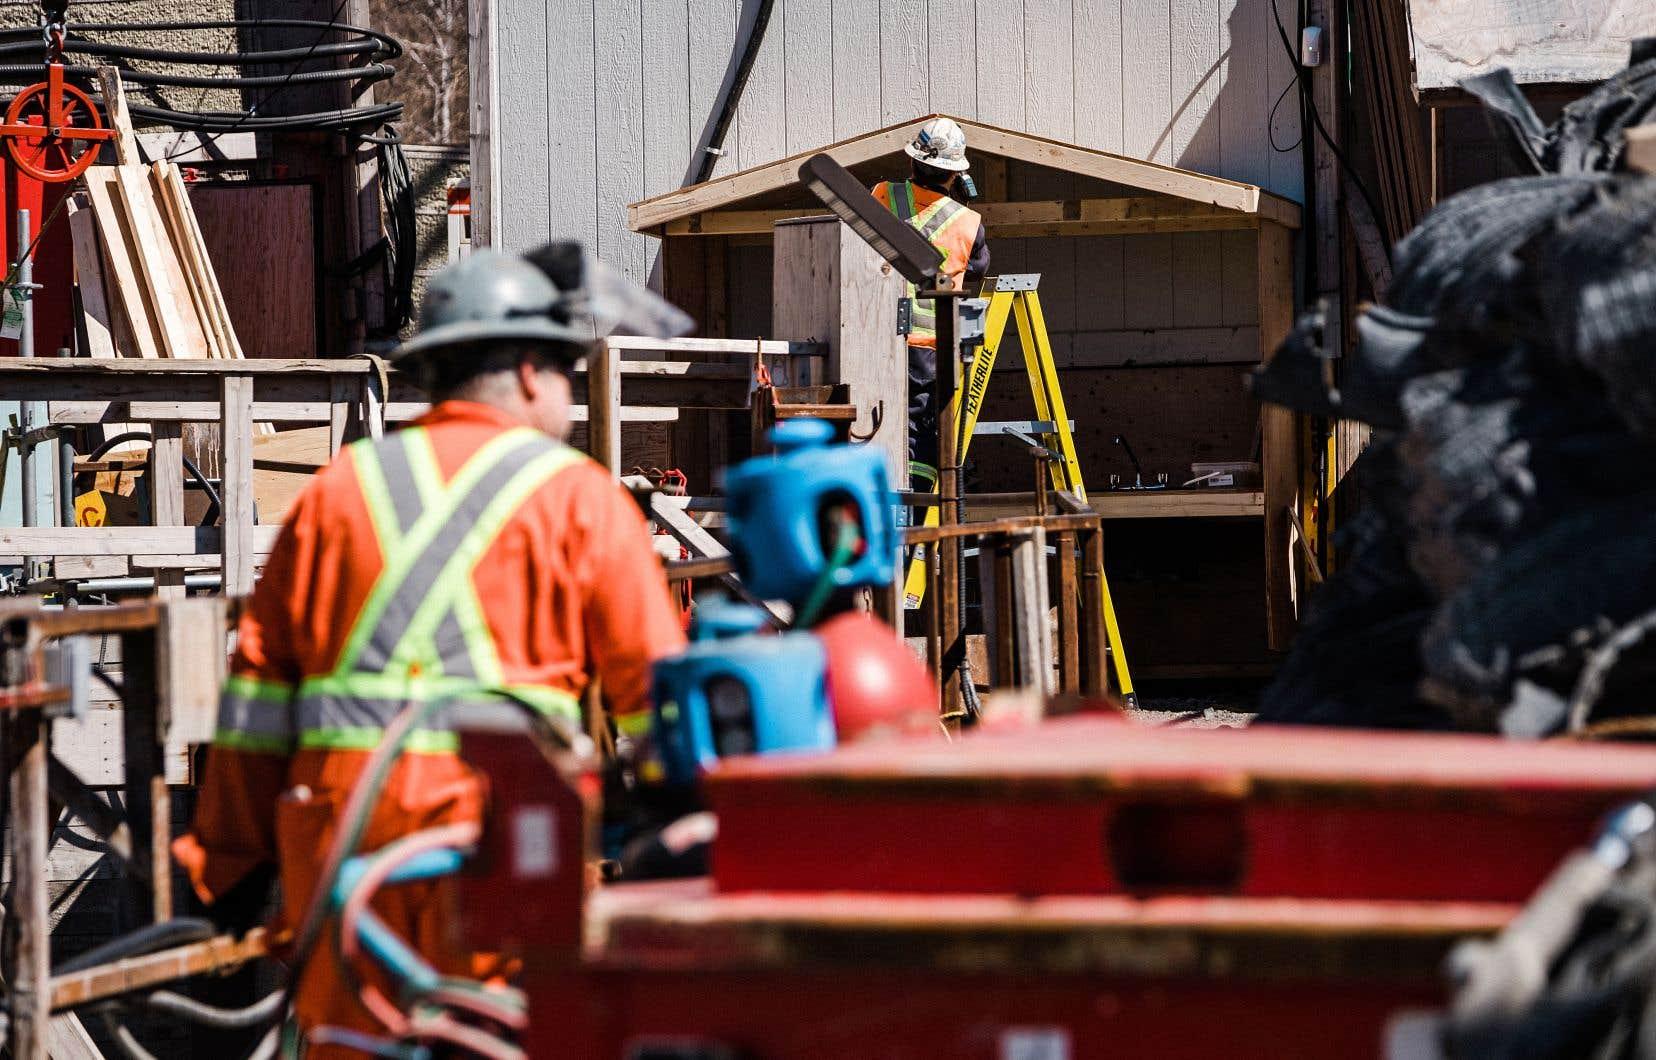 une somme de 157,5millions de dollars est prévue dans le budget Girard pour soutenir la formation et la requalification de la main-d'œuvre.